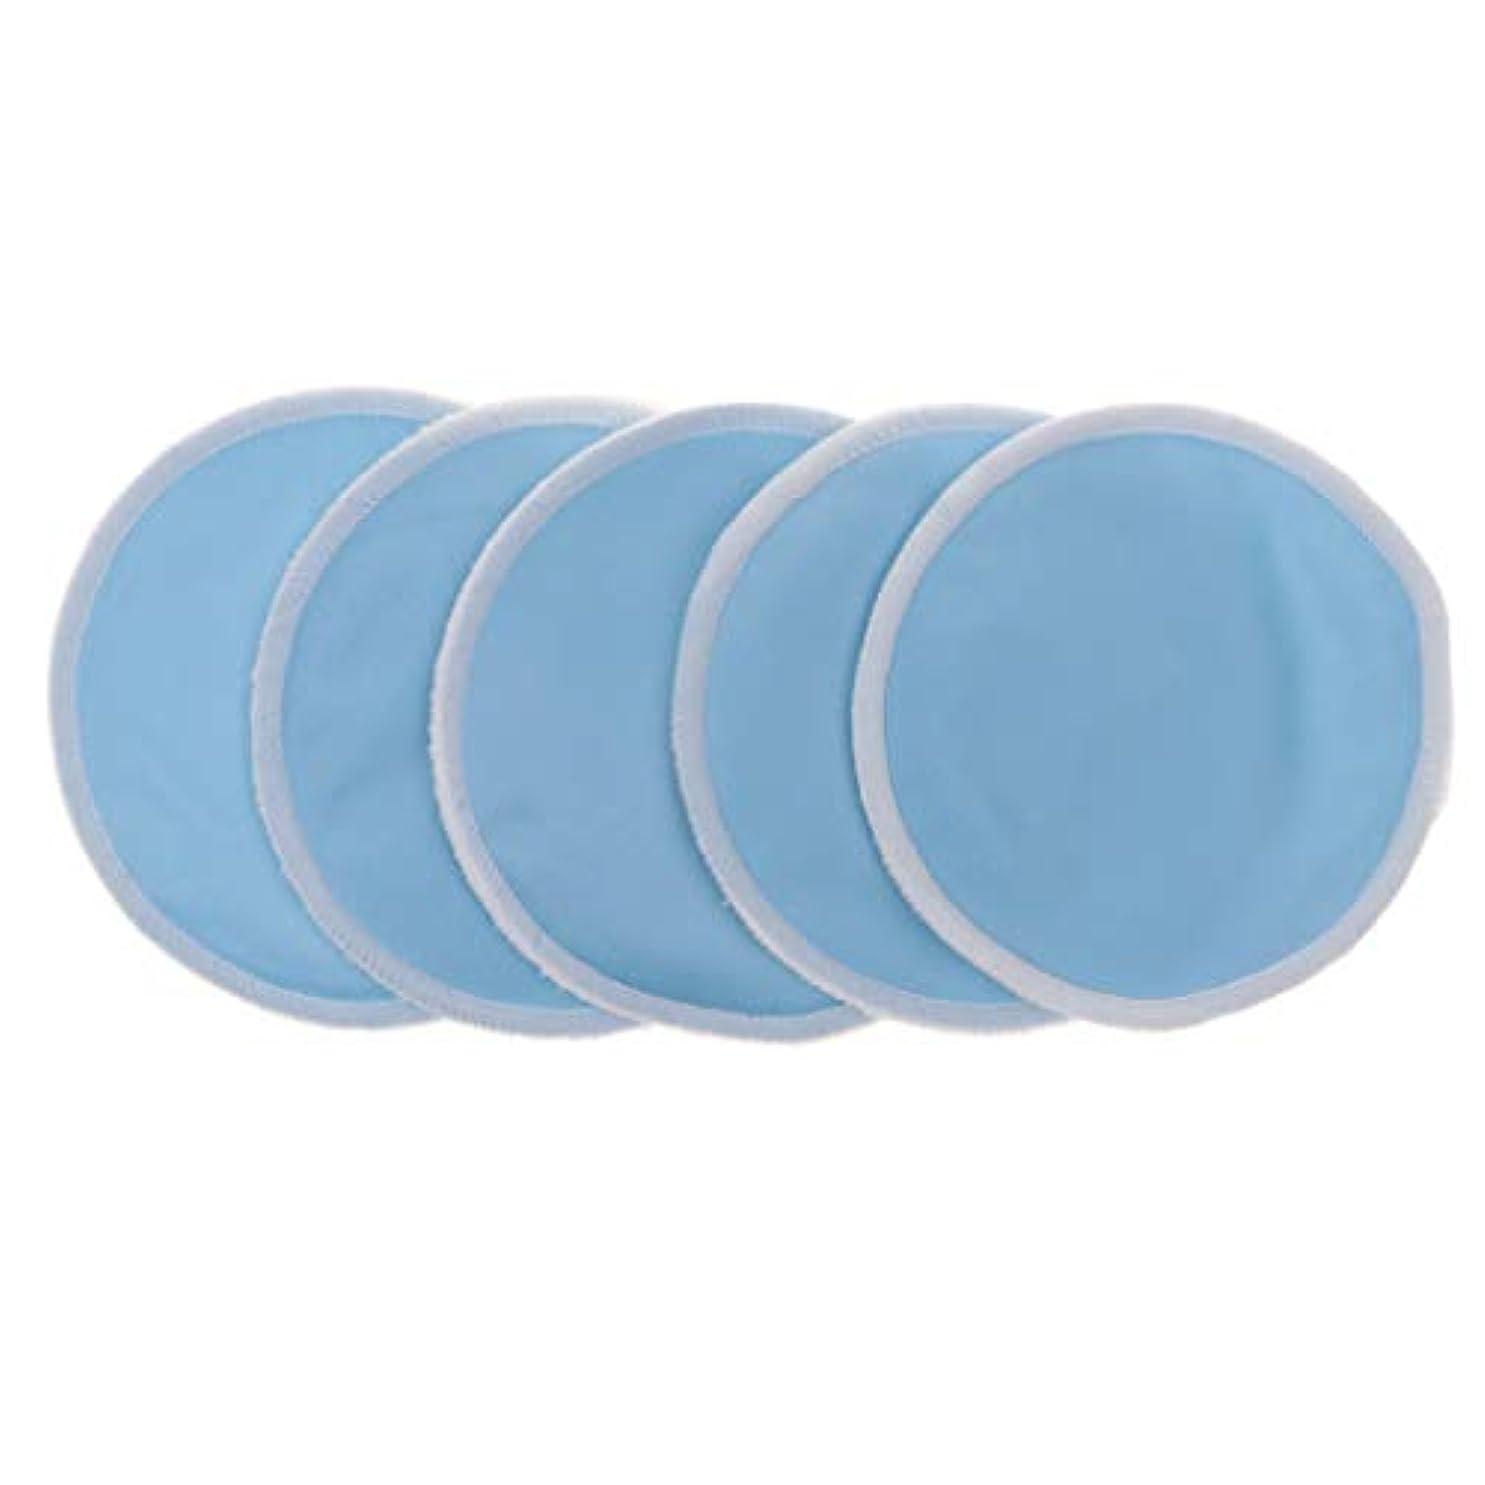 チャンバー靄確保するD DOLITY 全5色 胸パッド クレンジングシート メイクアップ 竹繊維 12cm 洗える 再使用可 実用的 5個入 - 青